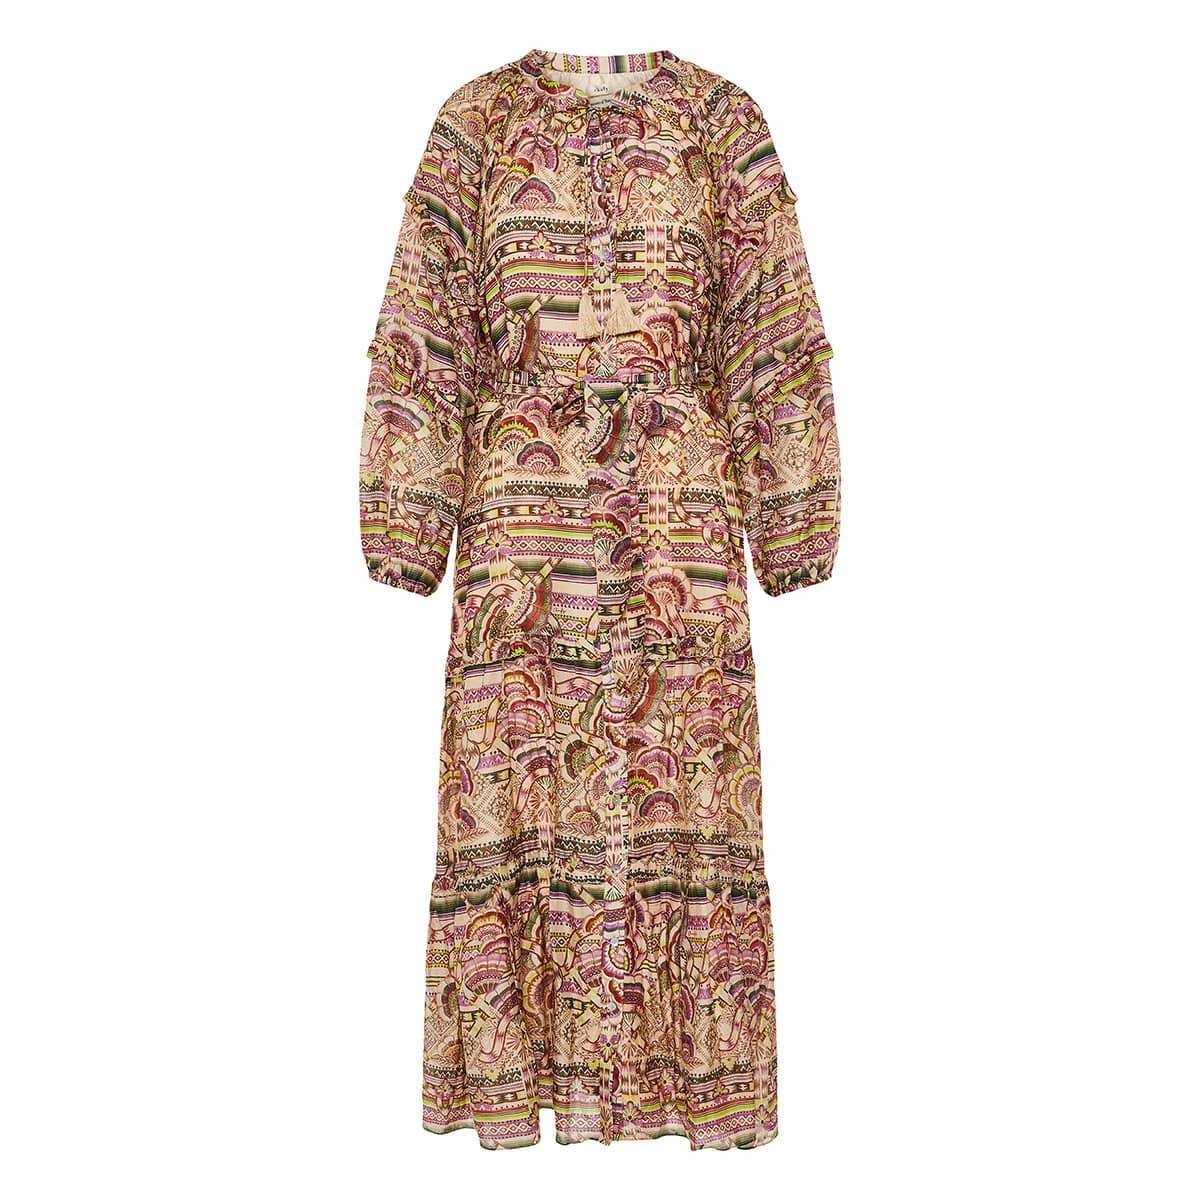 Nina long printed tiered dress